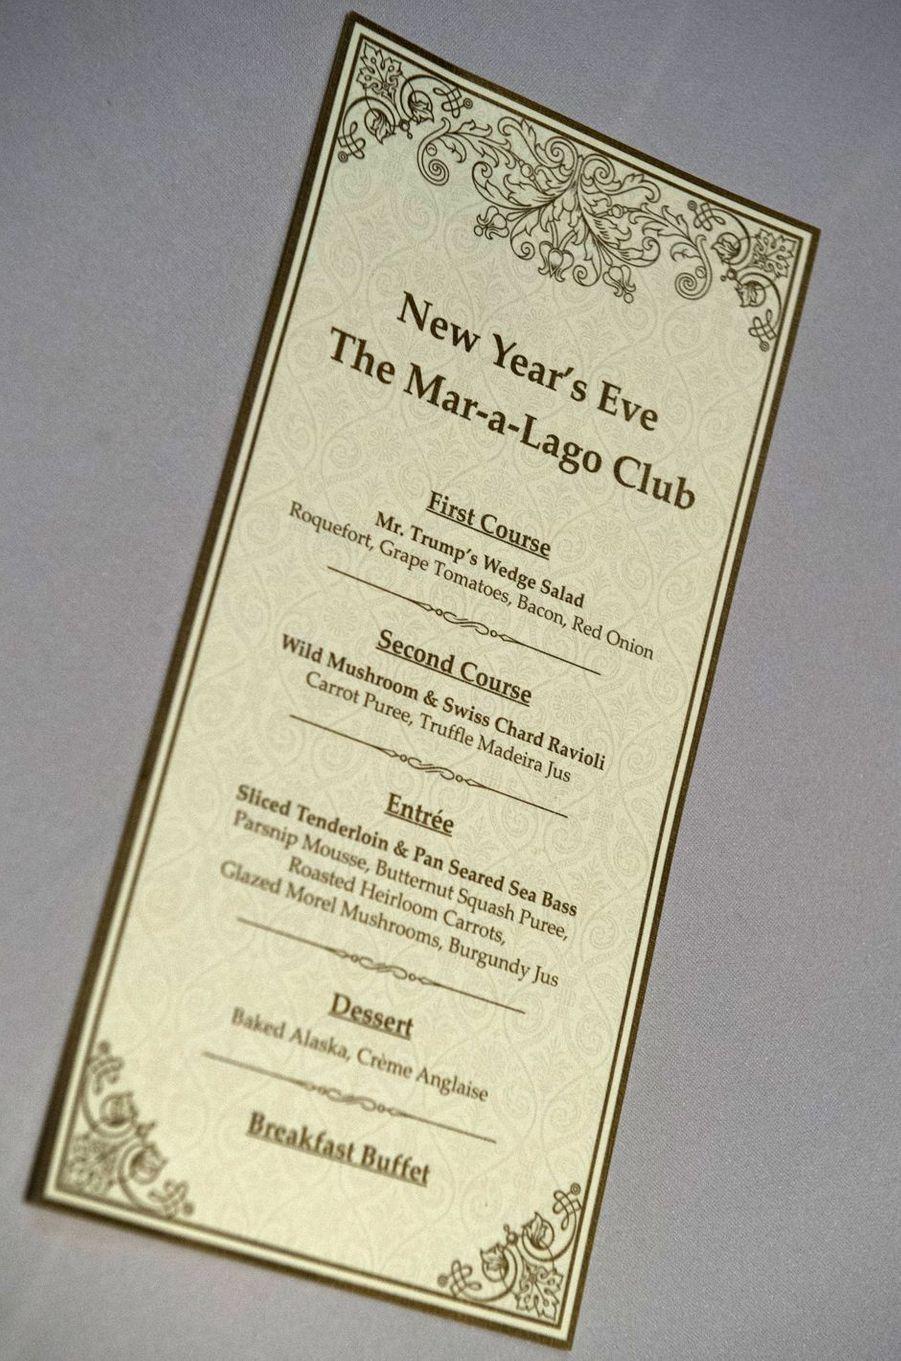 Le menu de la soirée du Nouvel An, le 31 décembre 2016 à Mar-a-Lago.